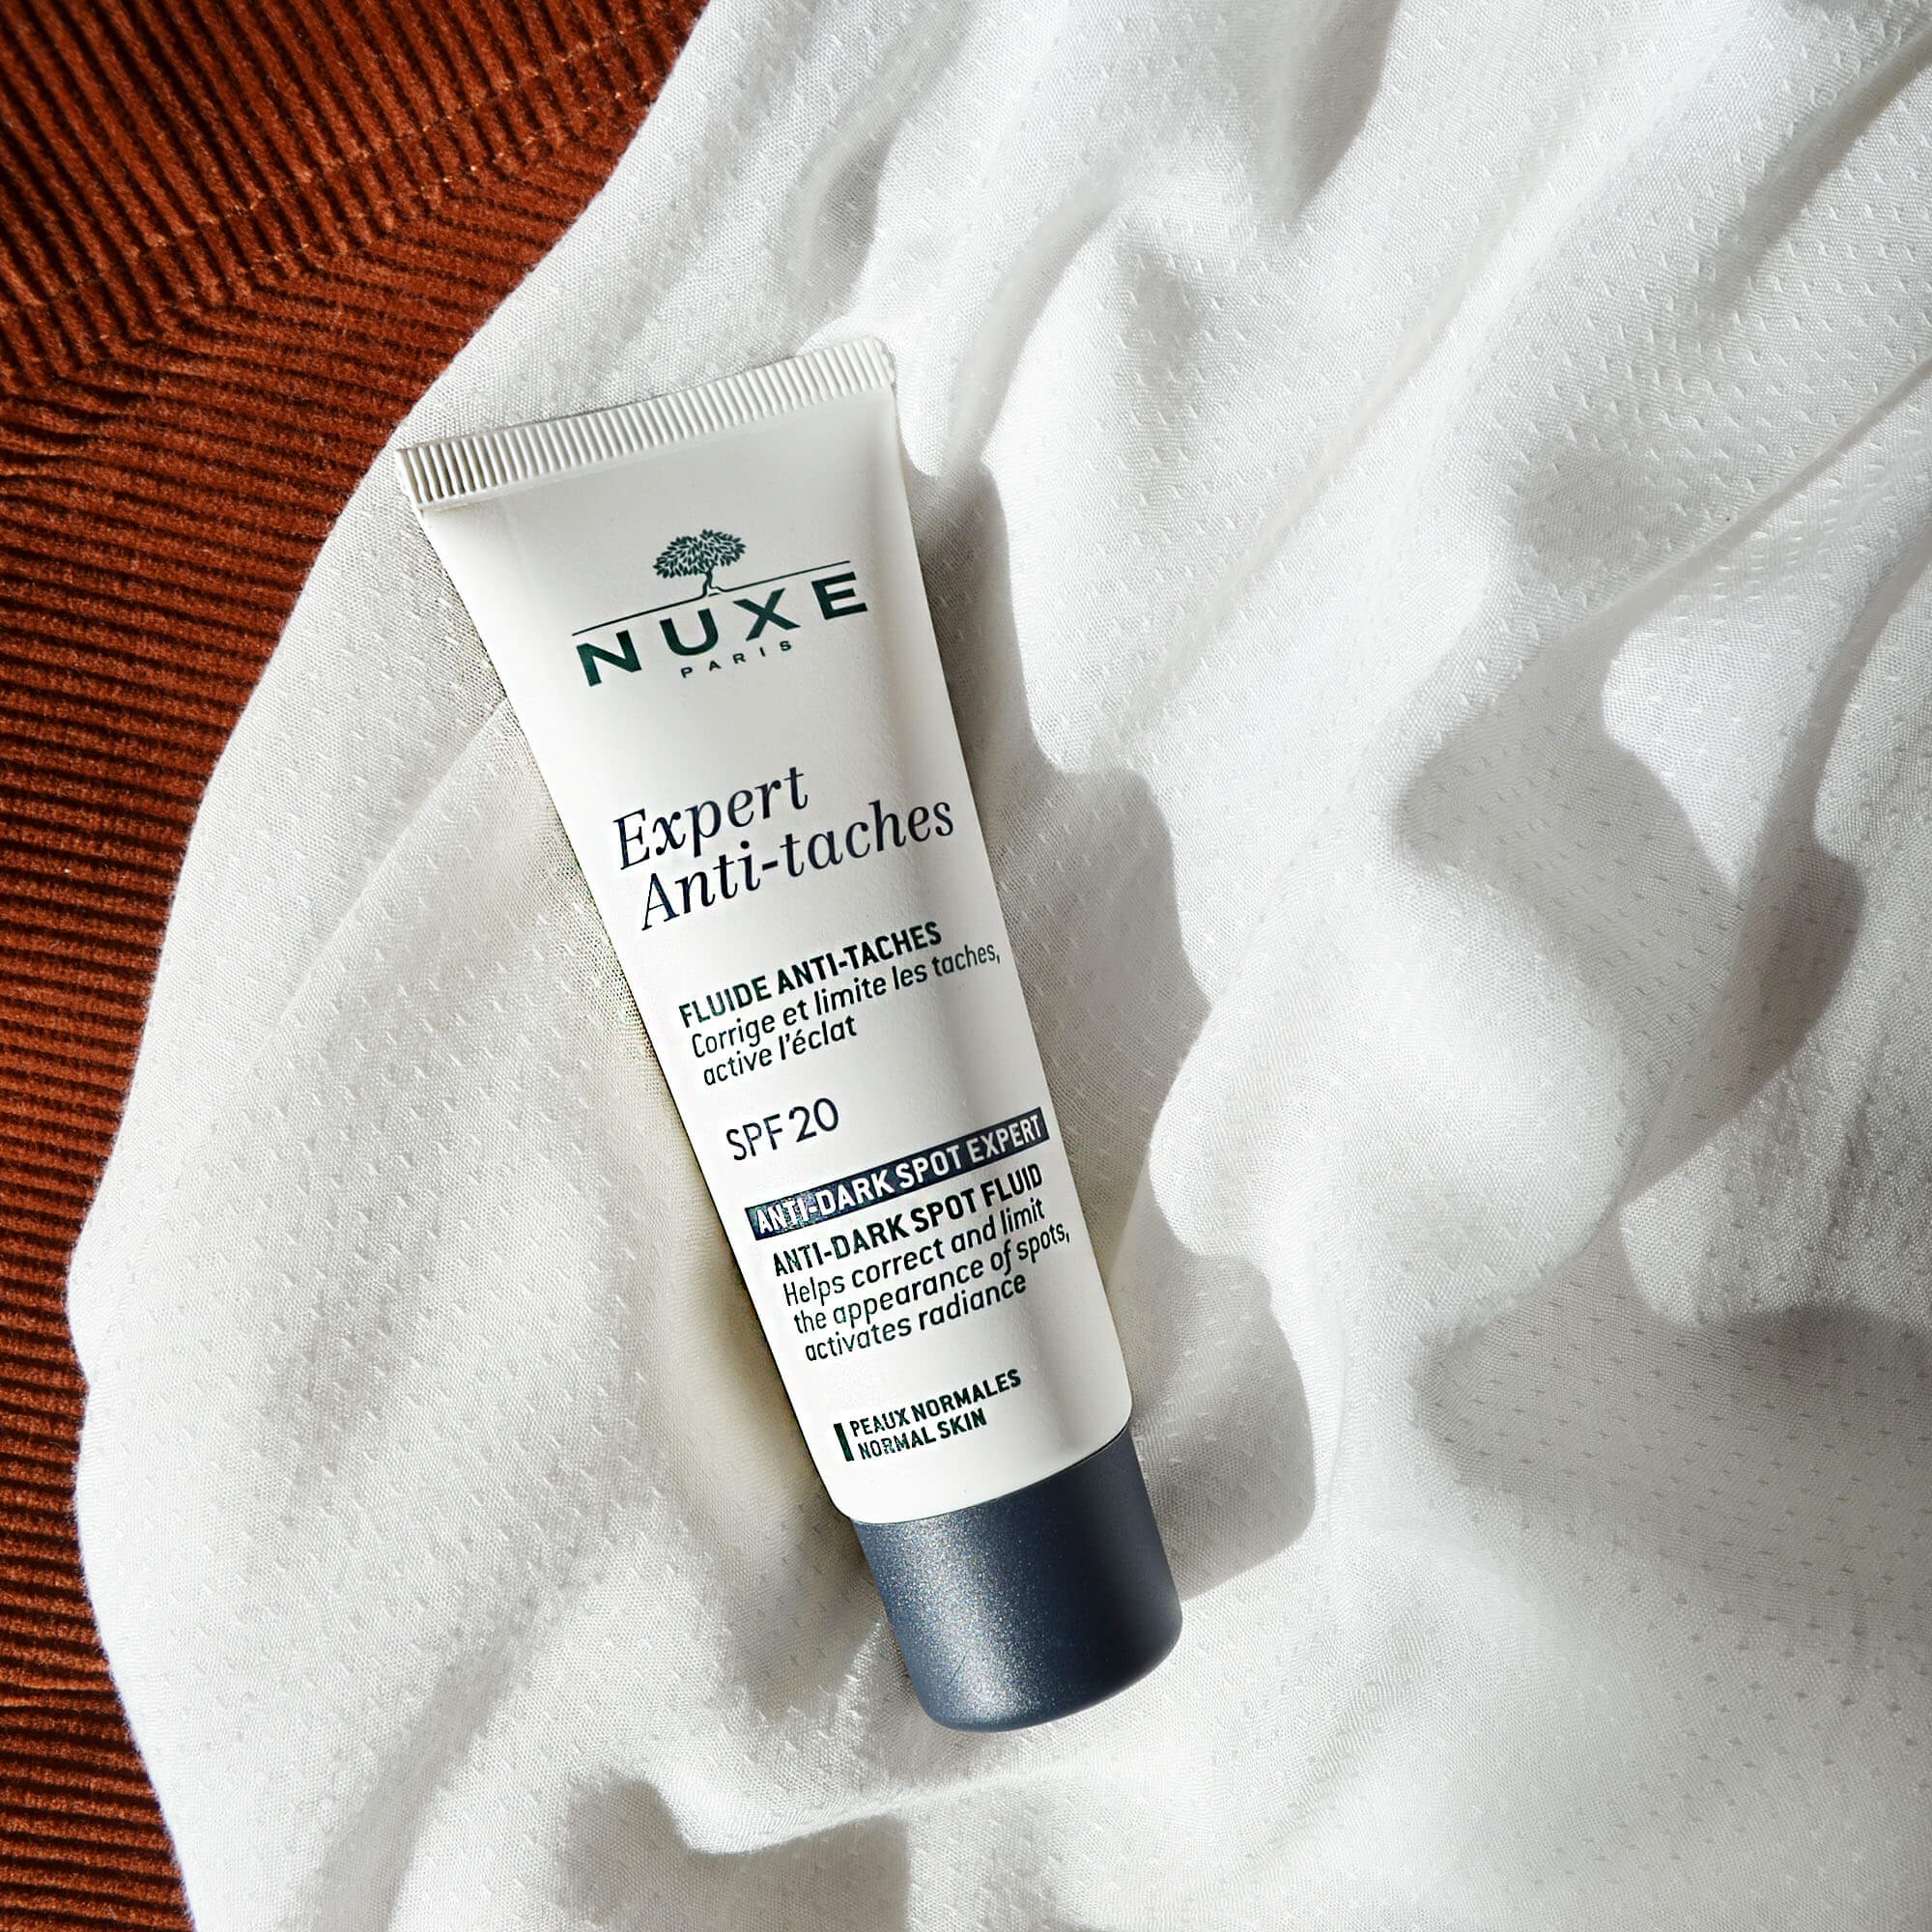 Nuxe Detoxifying glow mask